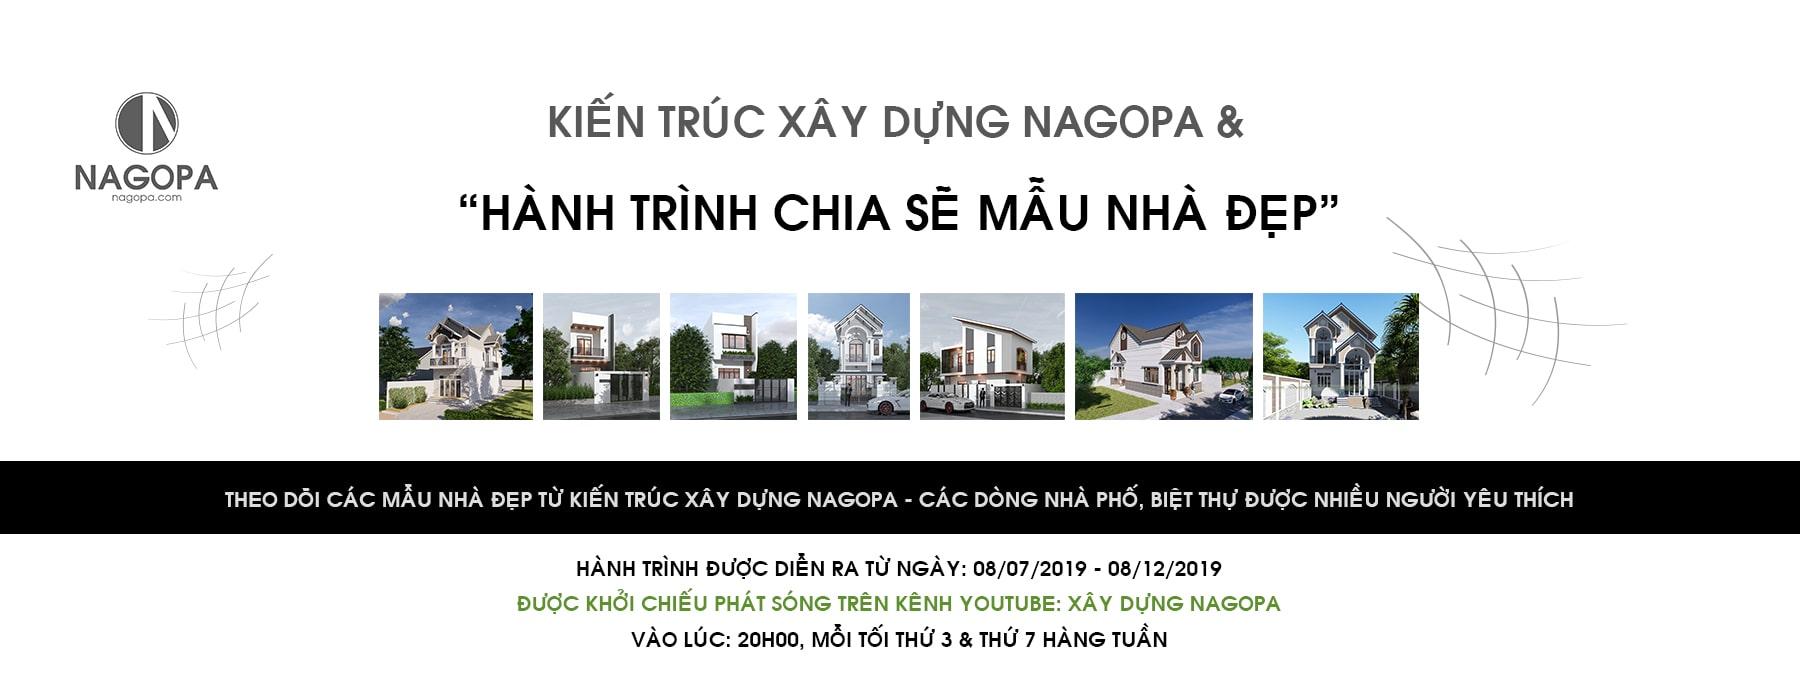 banner hành trình chia sẽ mẫu nhà đẹp cùng kiến trúc xây dựng nagopa